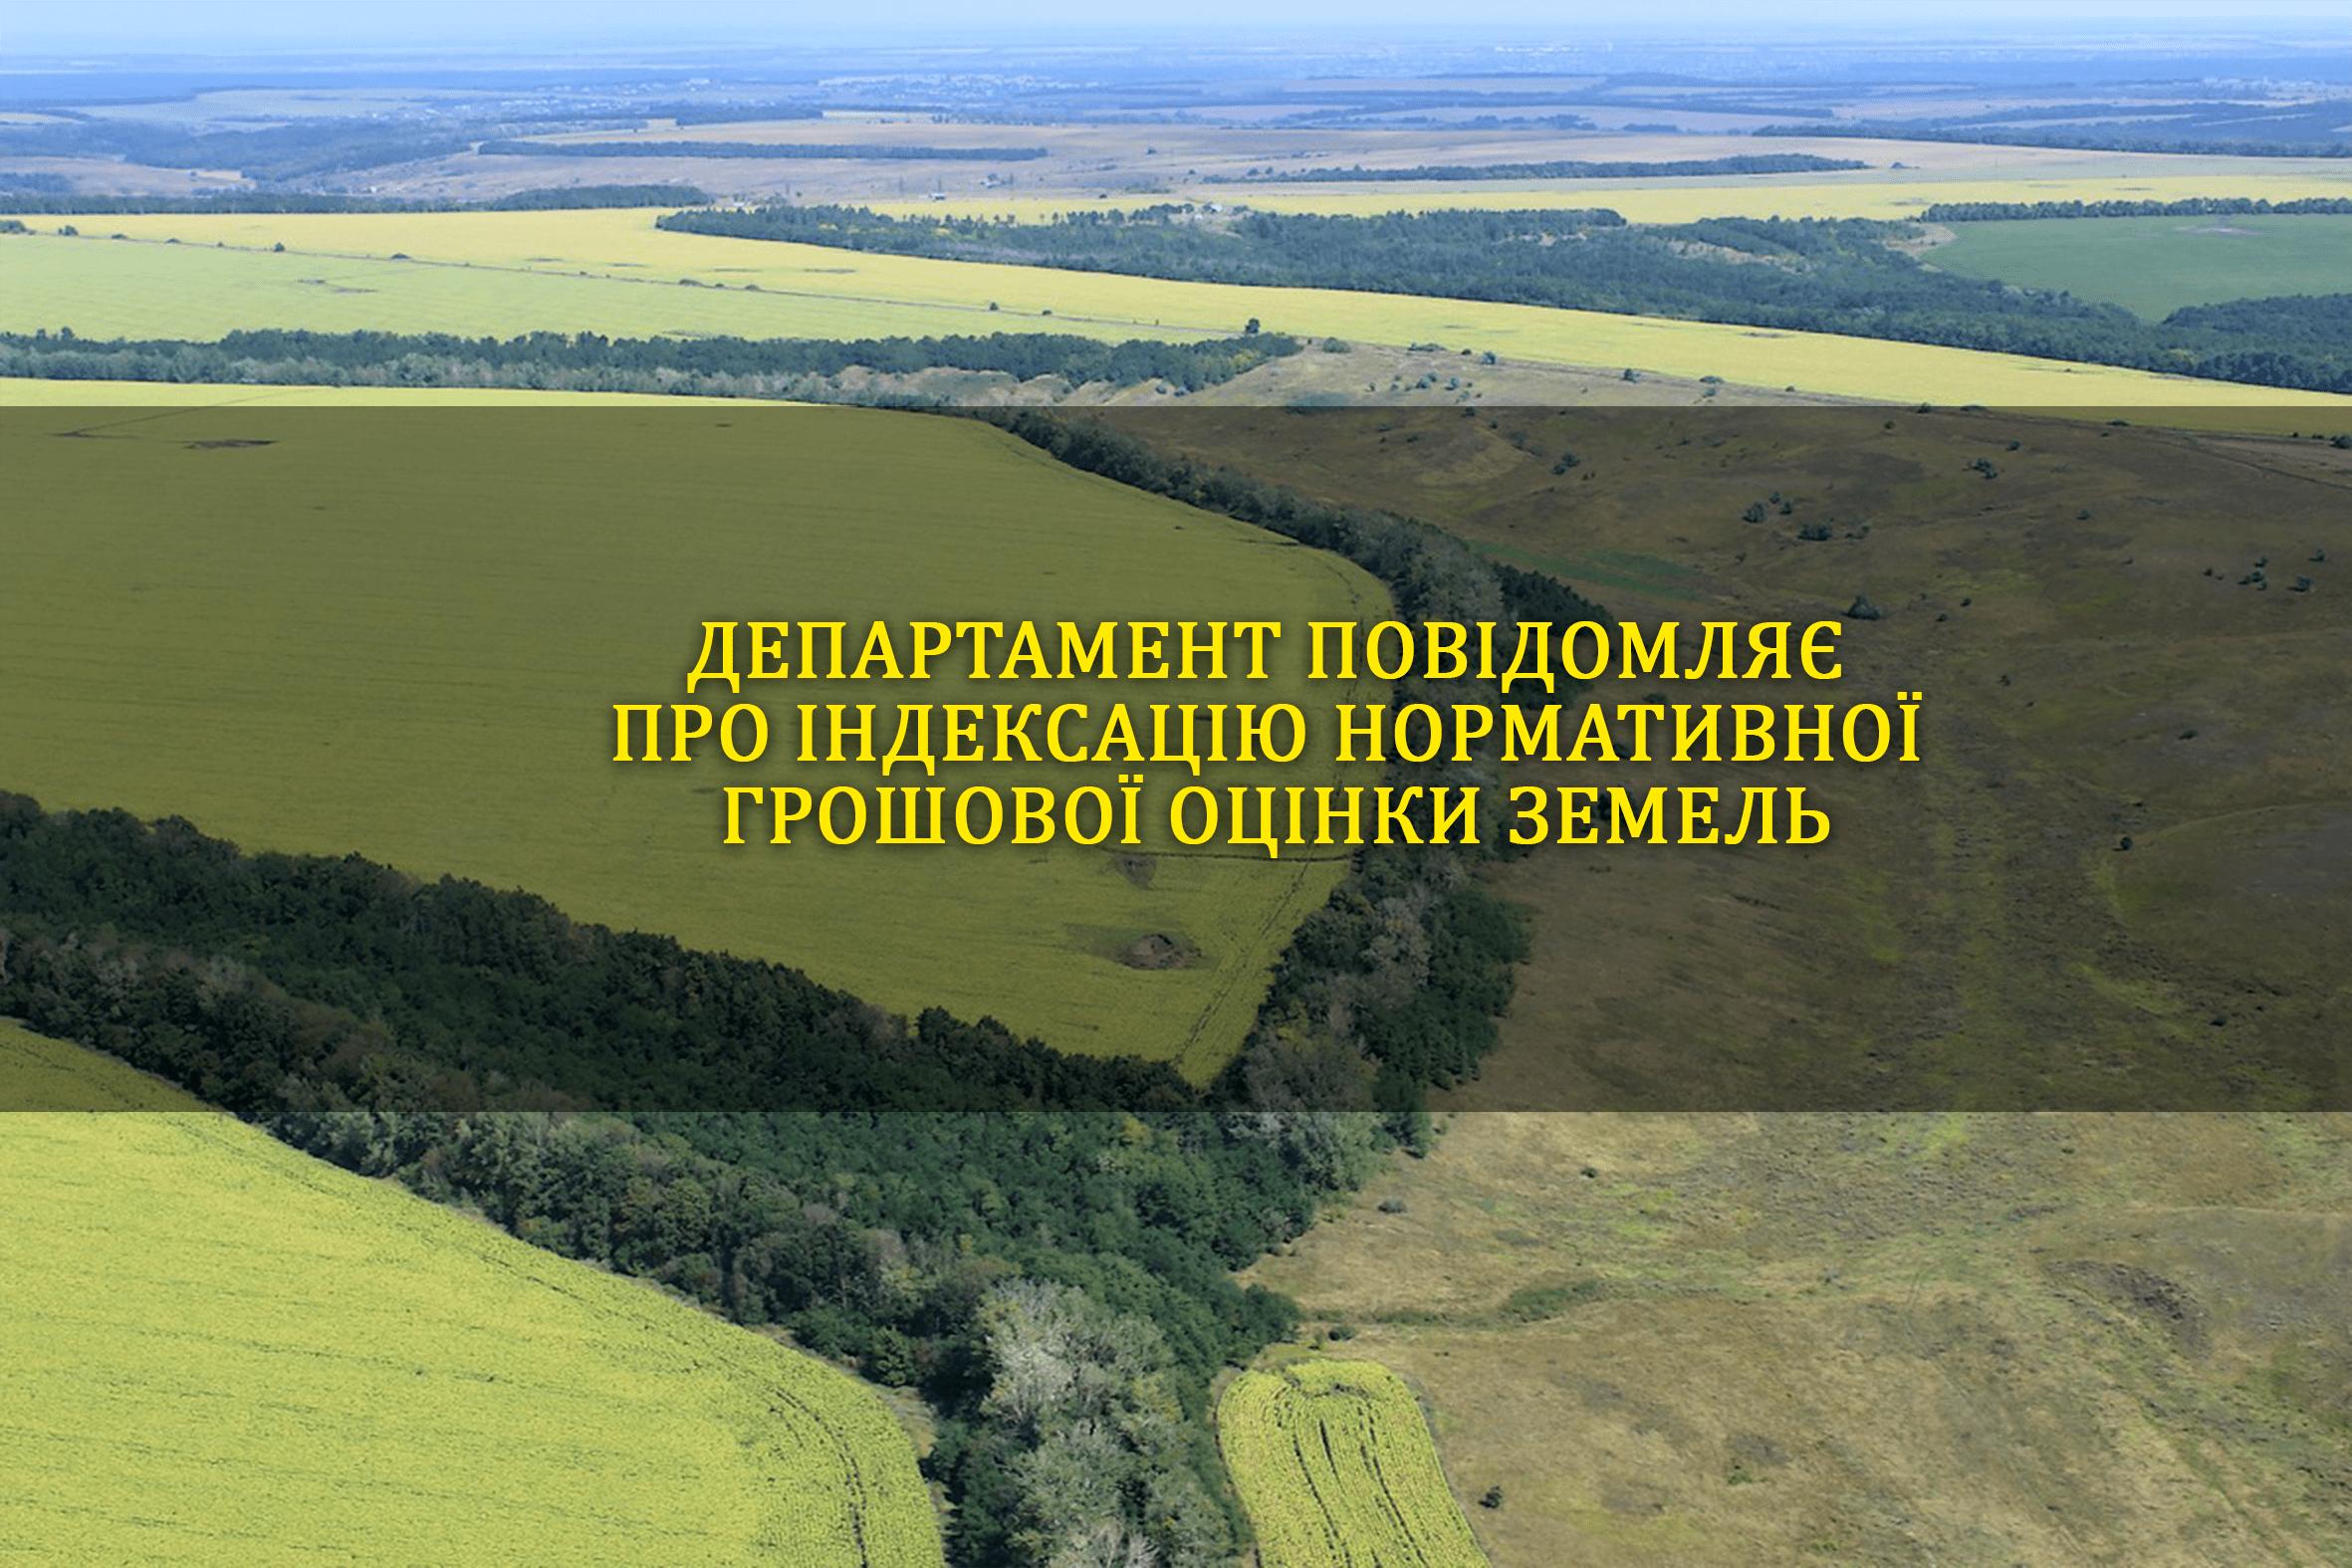 Департамент повідомляє про індексацію нормативної грошової оцінки земель